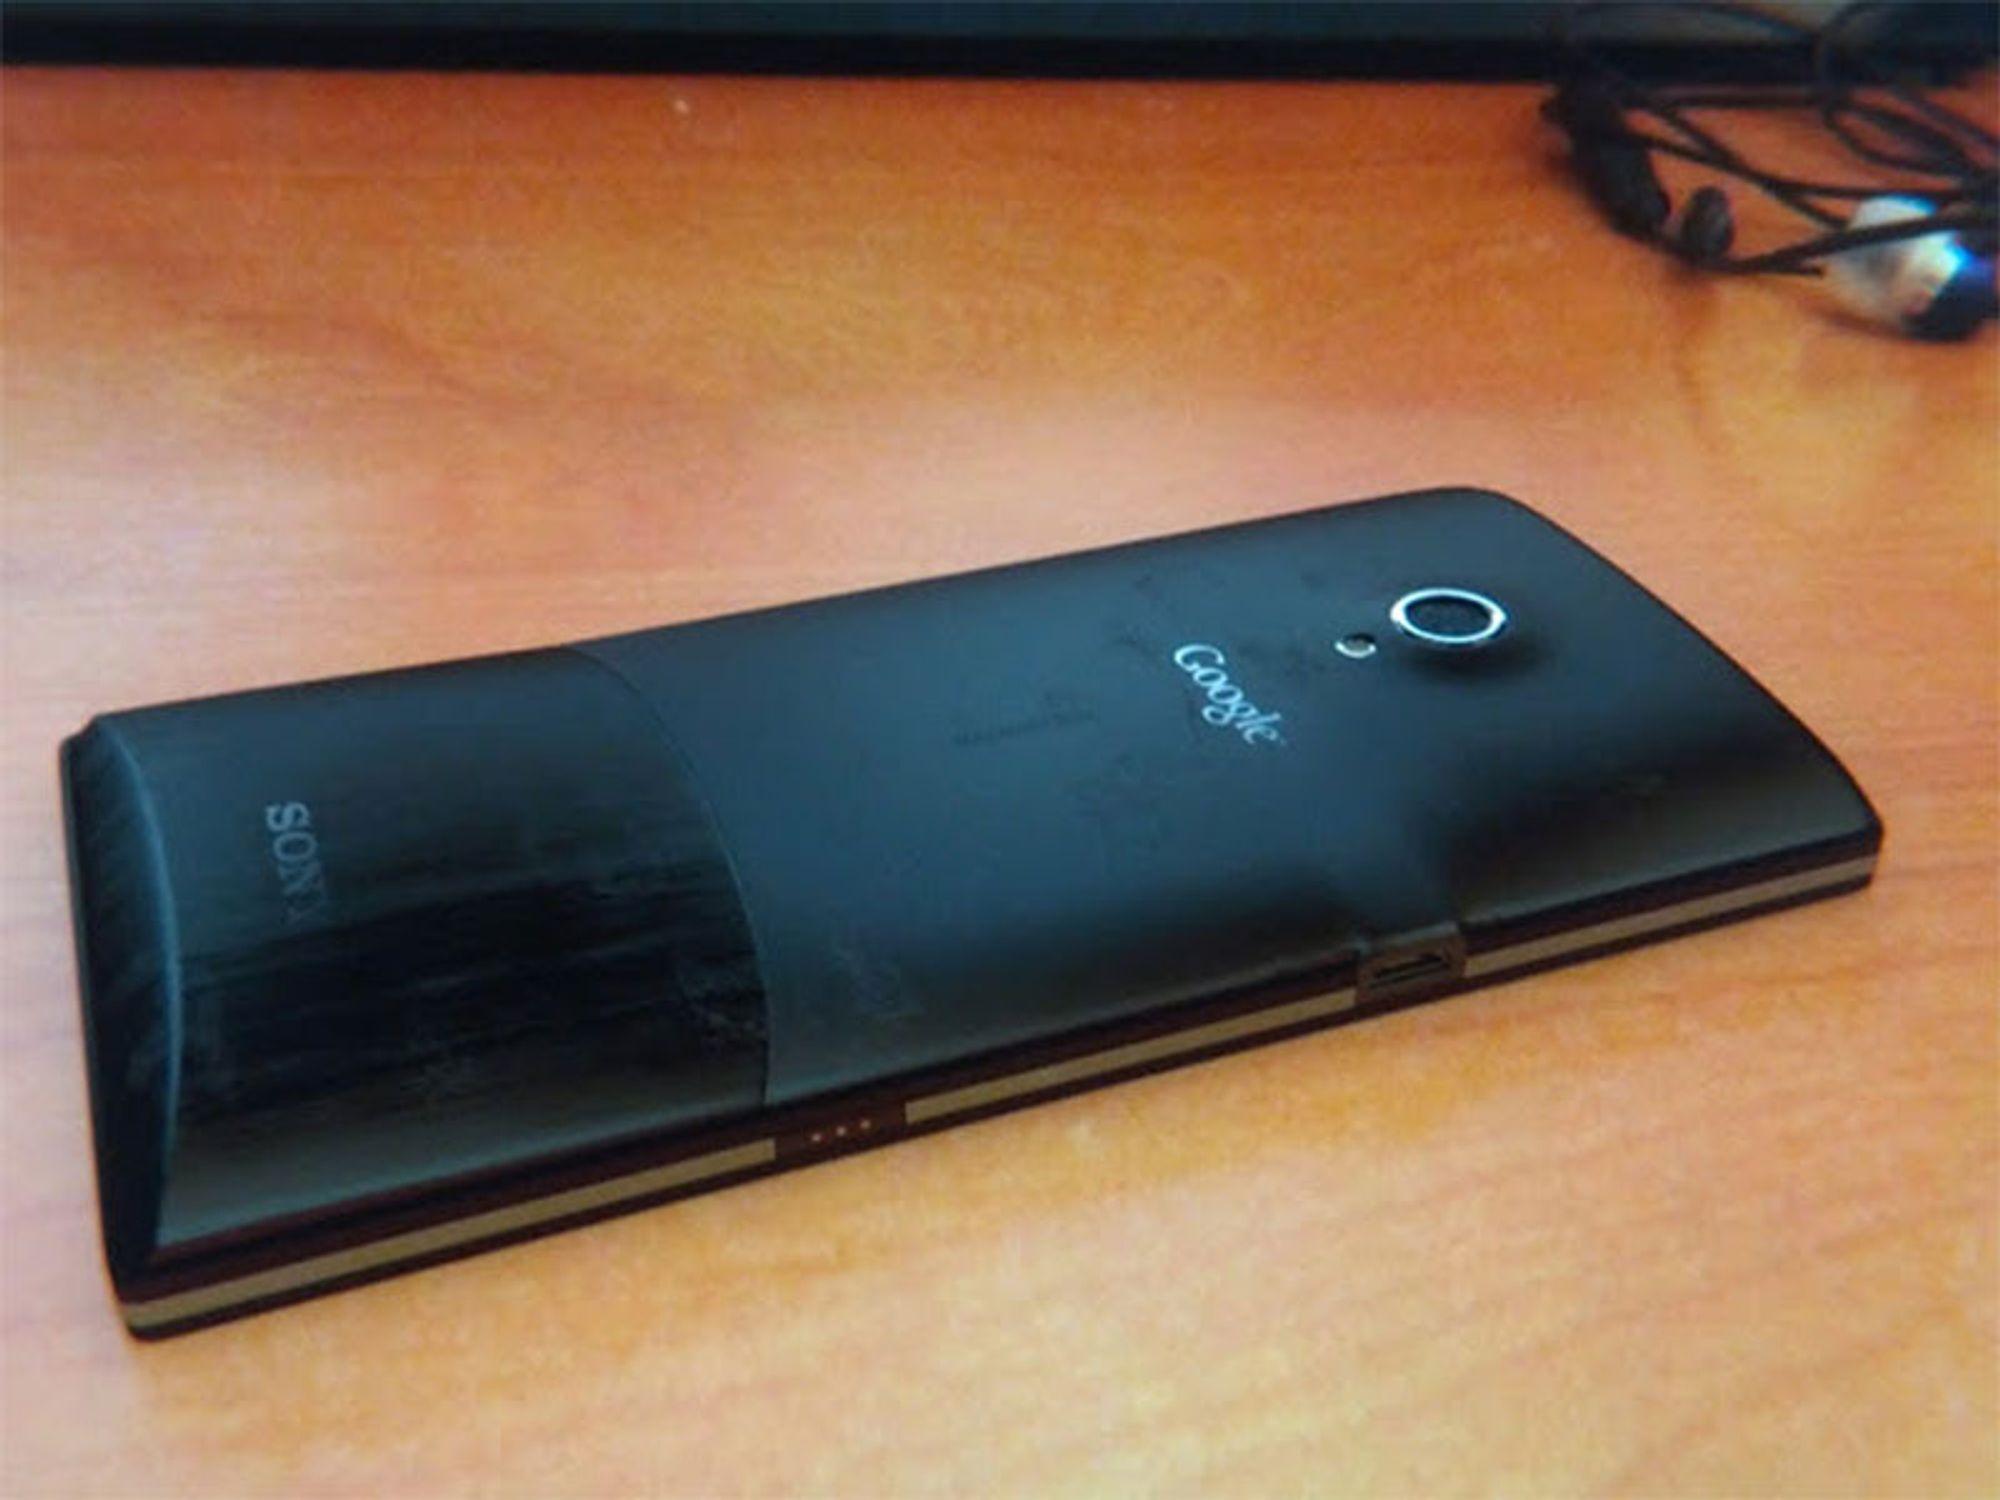 Nexus-telefon fra Sony også?